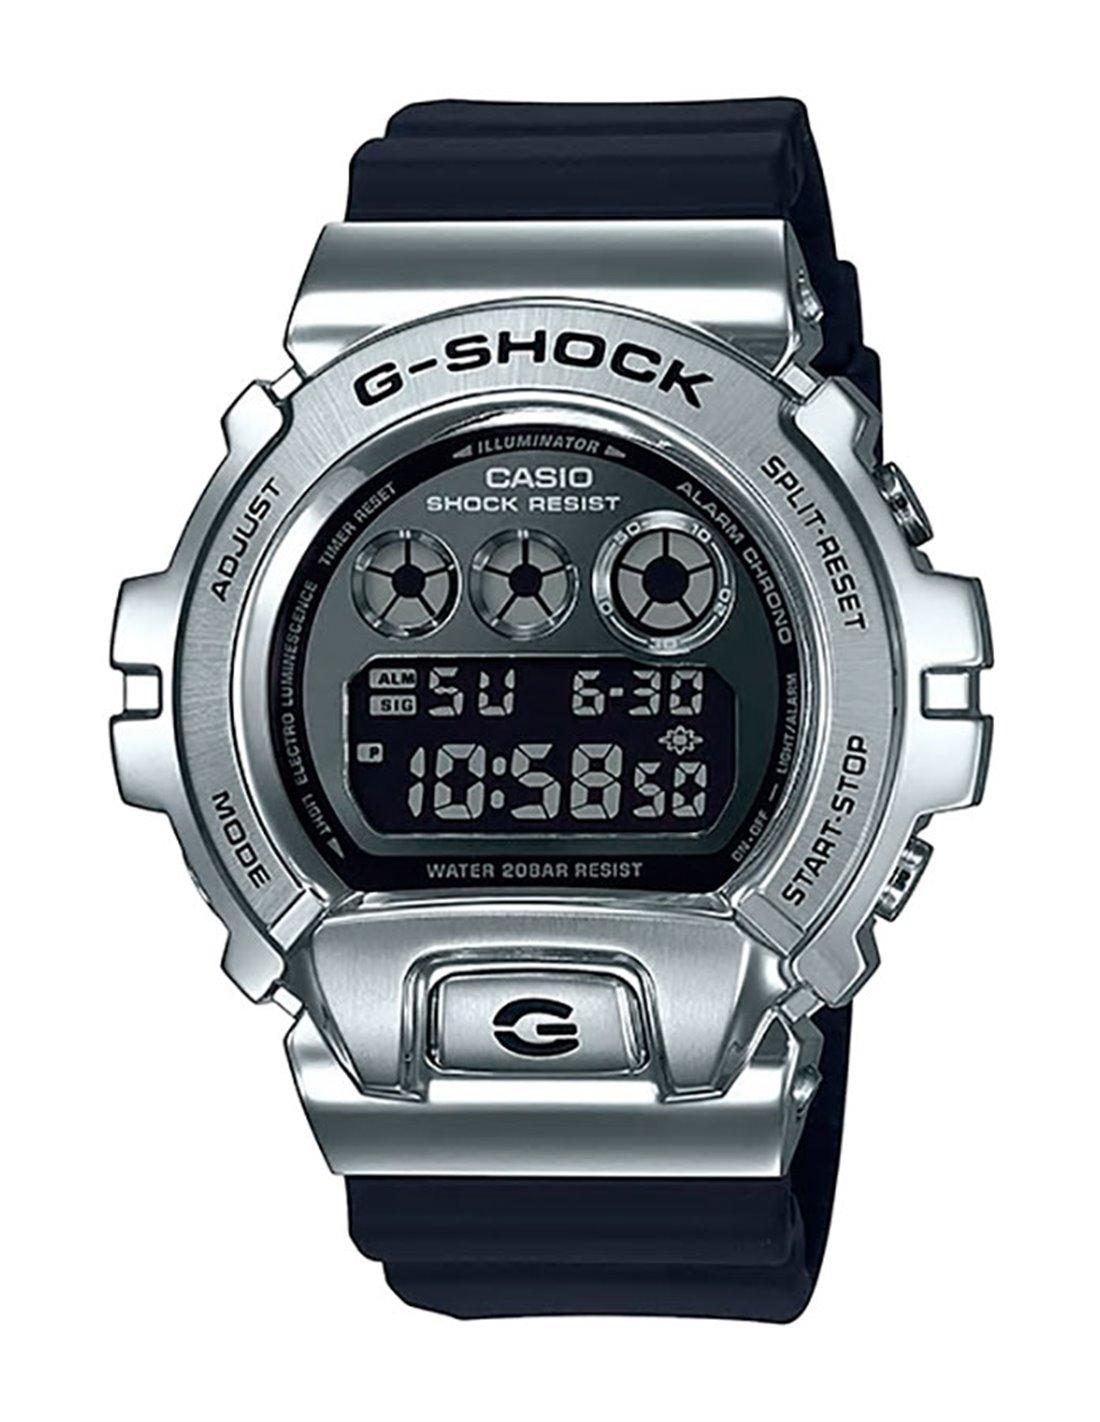 La completa guía de compra de relojes Casio G-Shock 8